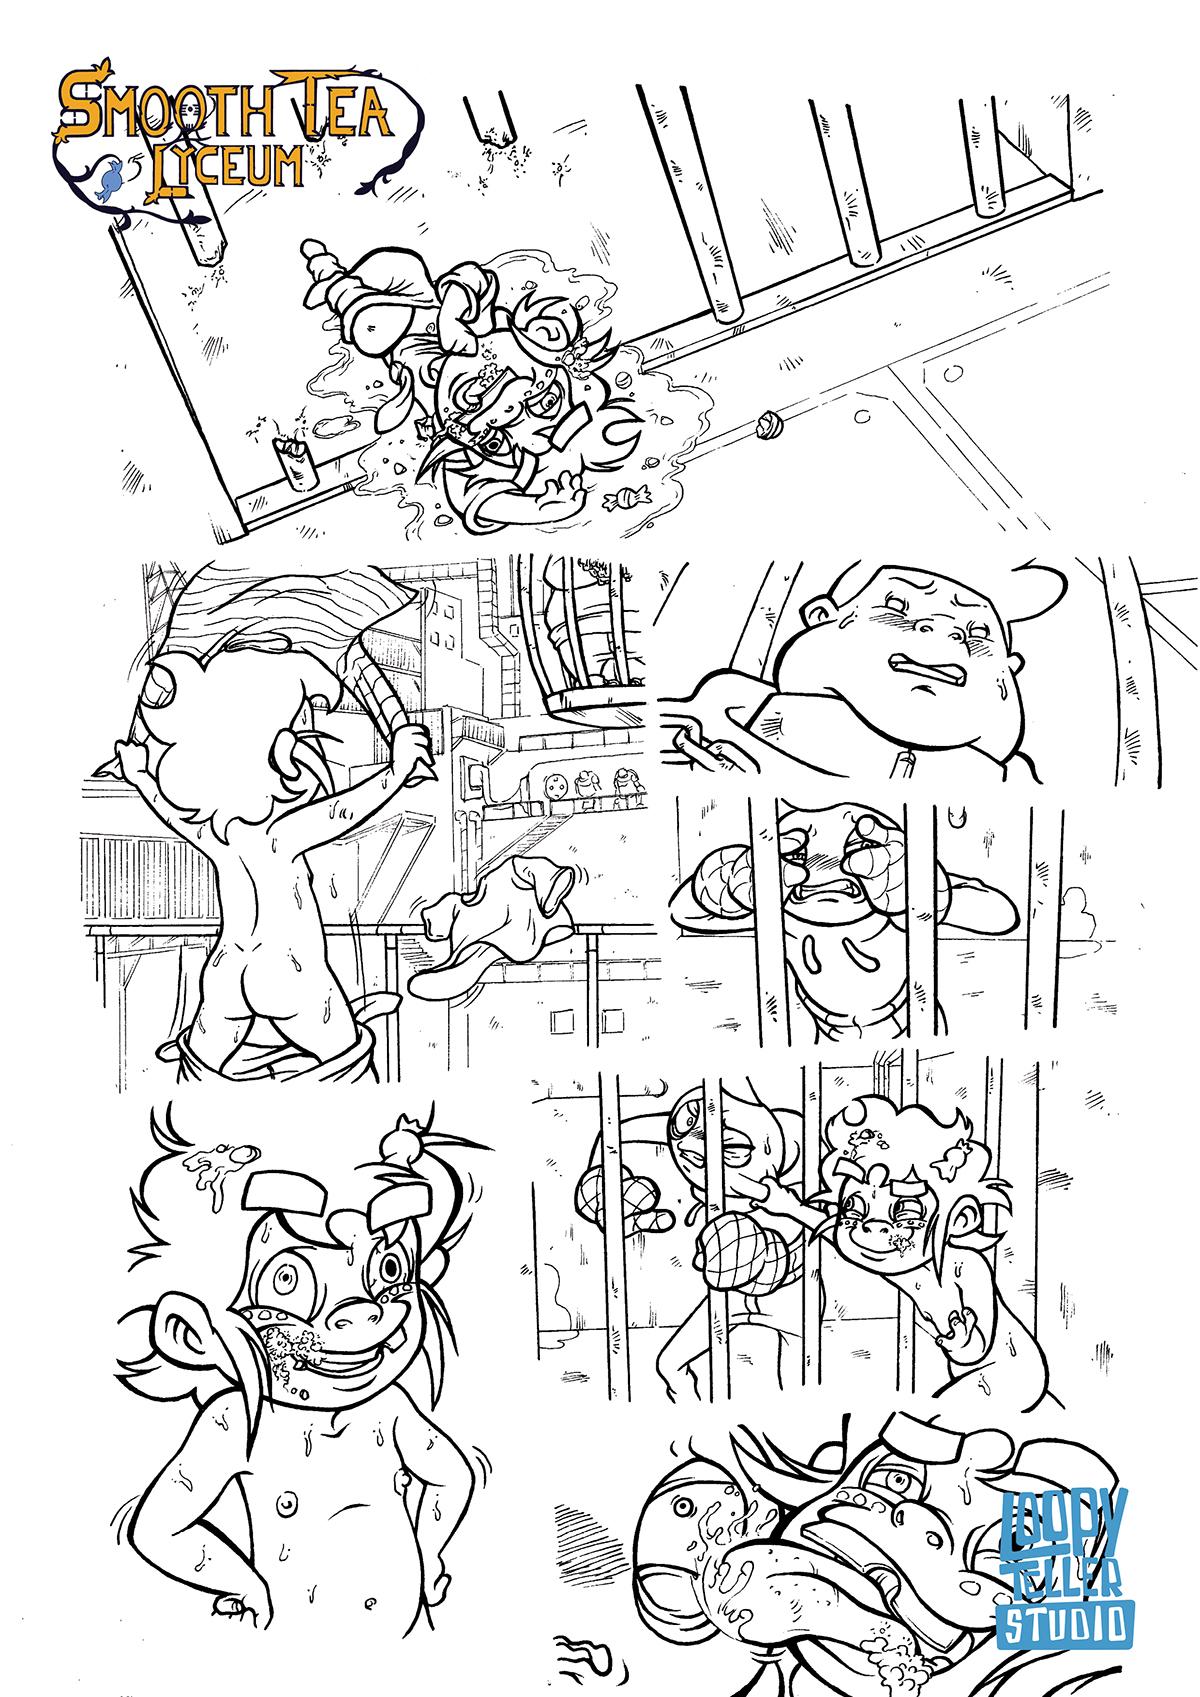 SmoothTeaLyceum comic LoopyTellerStudio stl